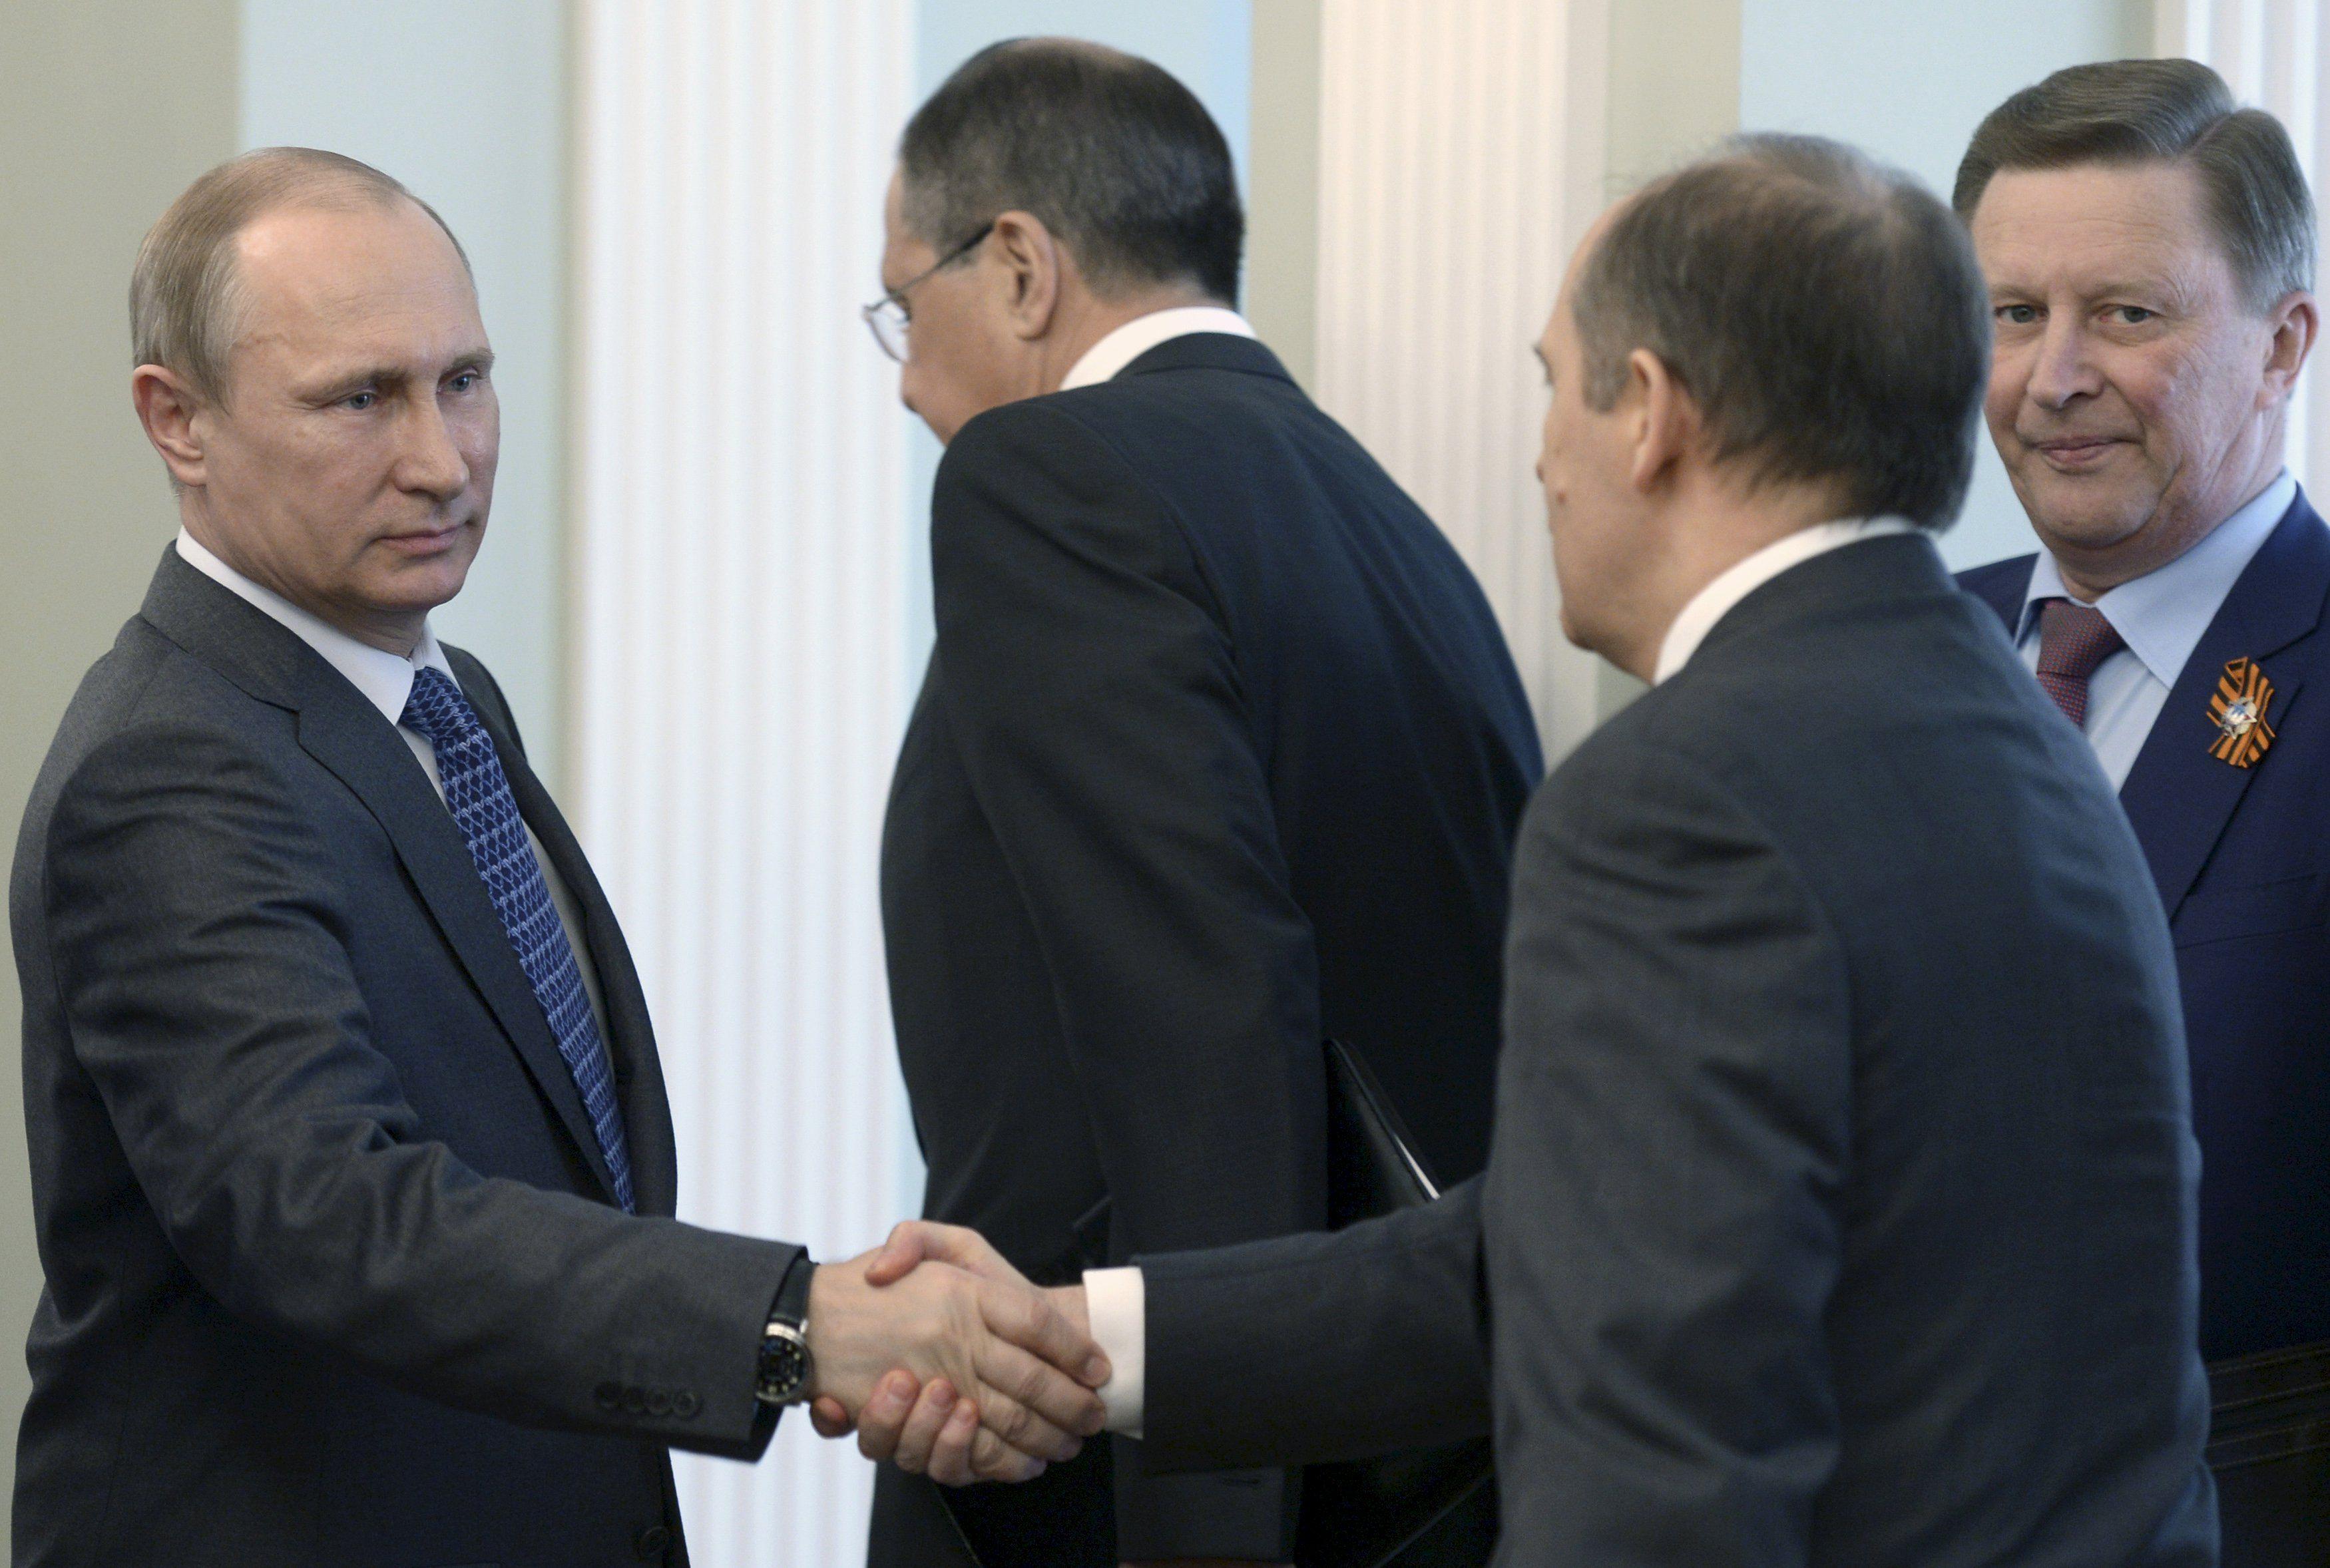 Ближайшее окружение Путина: Лавров, Бортников, Иванов